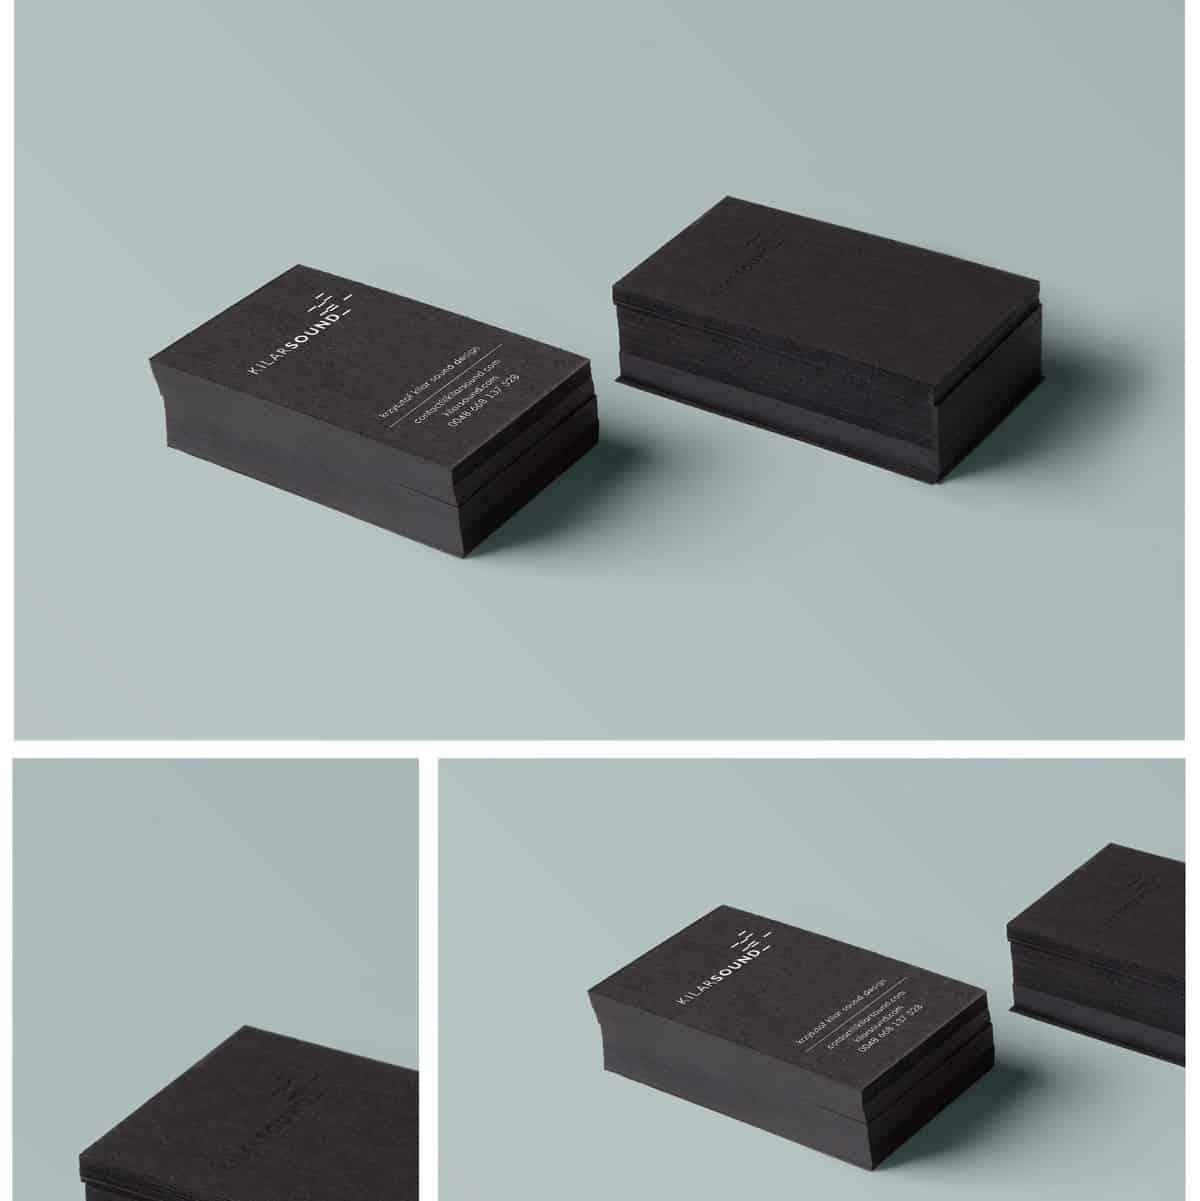 黑色風格的名片設計範本